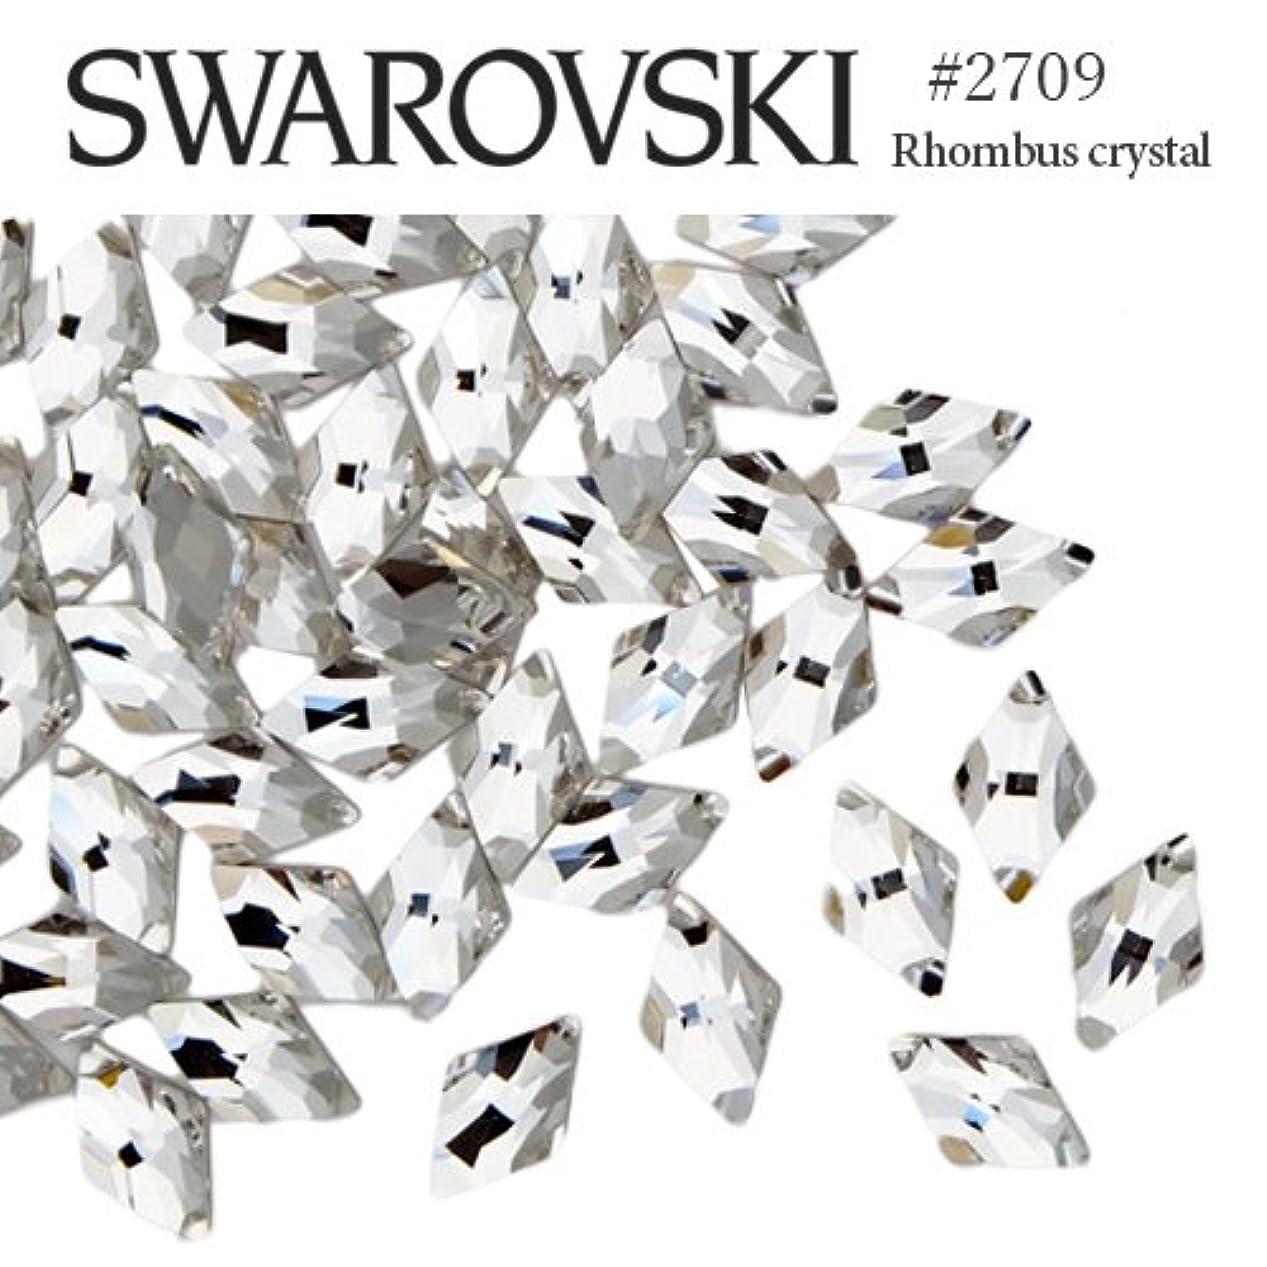 答え農業の与えるスワロ #2709 ダイヤ/ロンバス (ひし形) [クリスタル] 3粒入り スワロフスキー ラインストーン